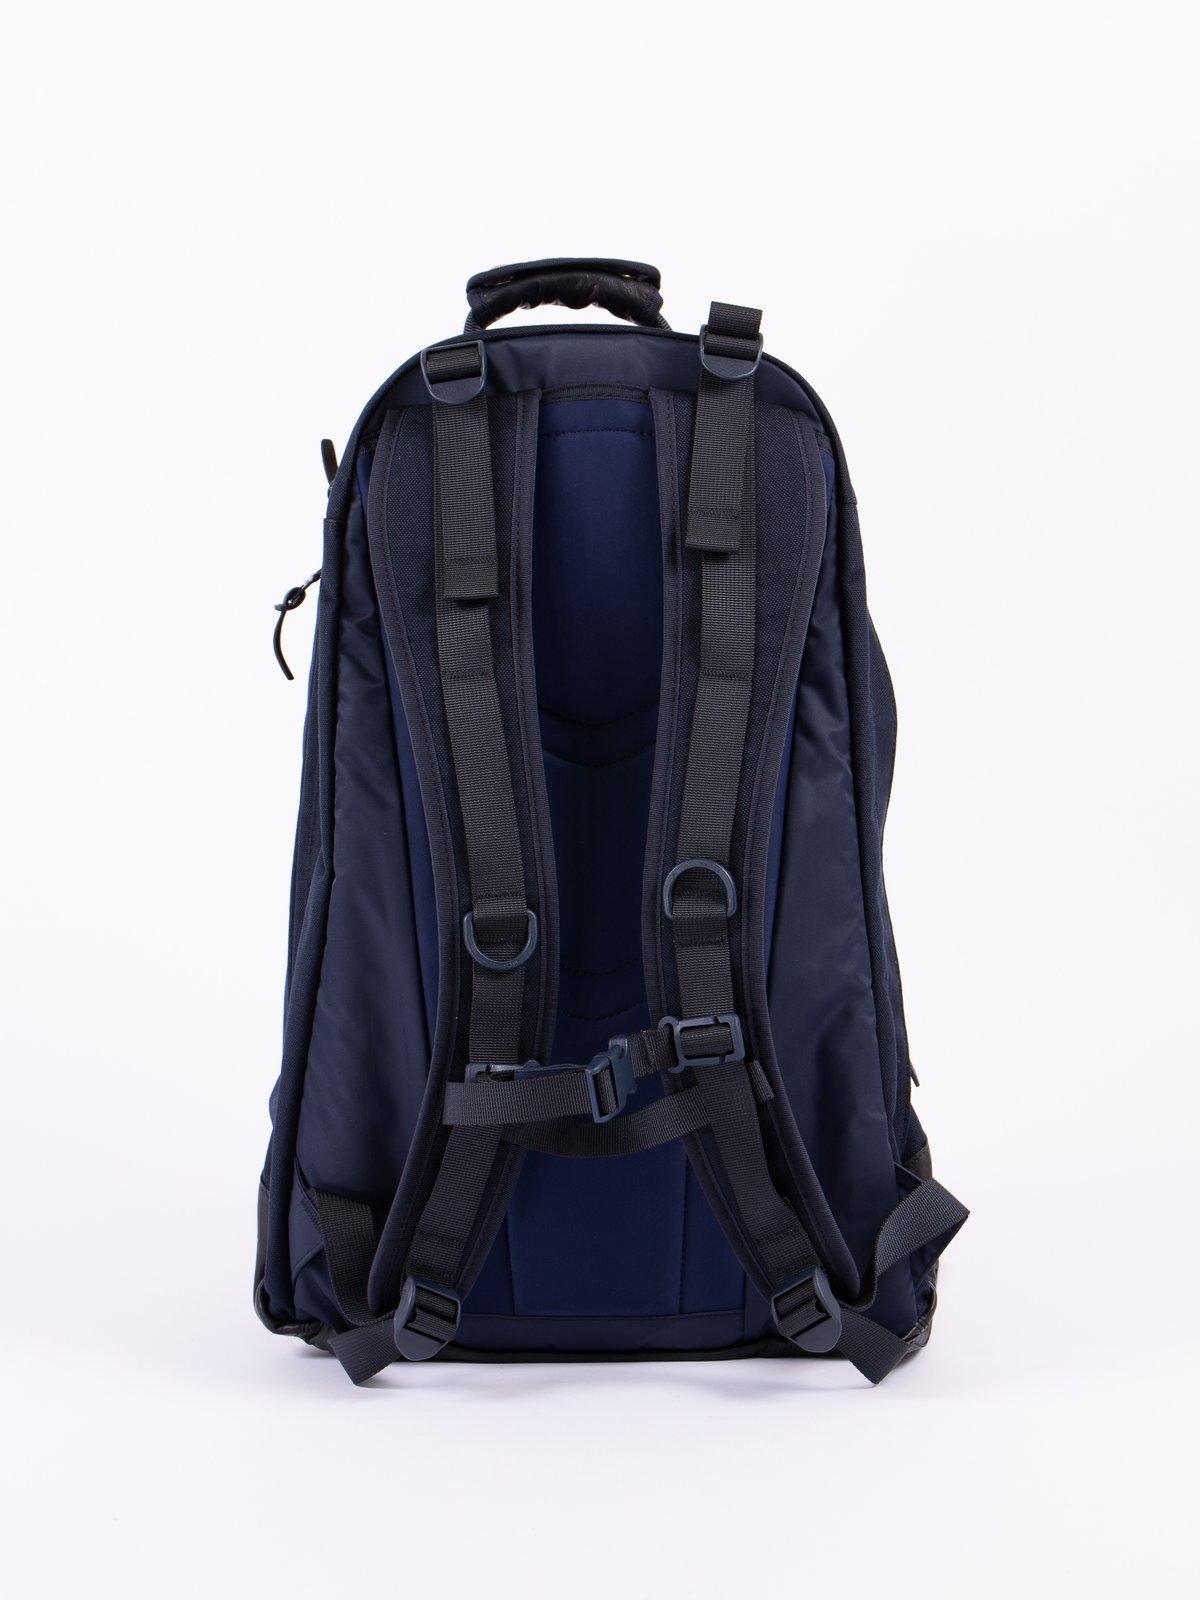 Navy Fra Veg Lamb 22L Cordura Backpack - Image 2